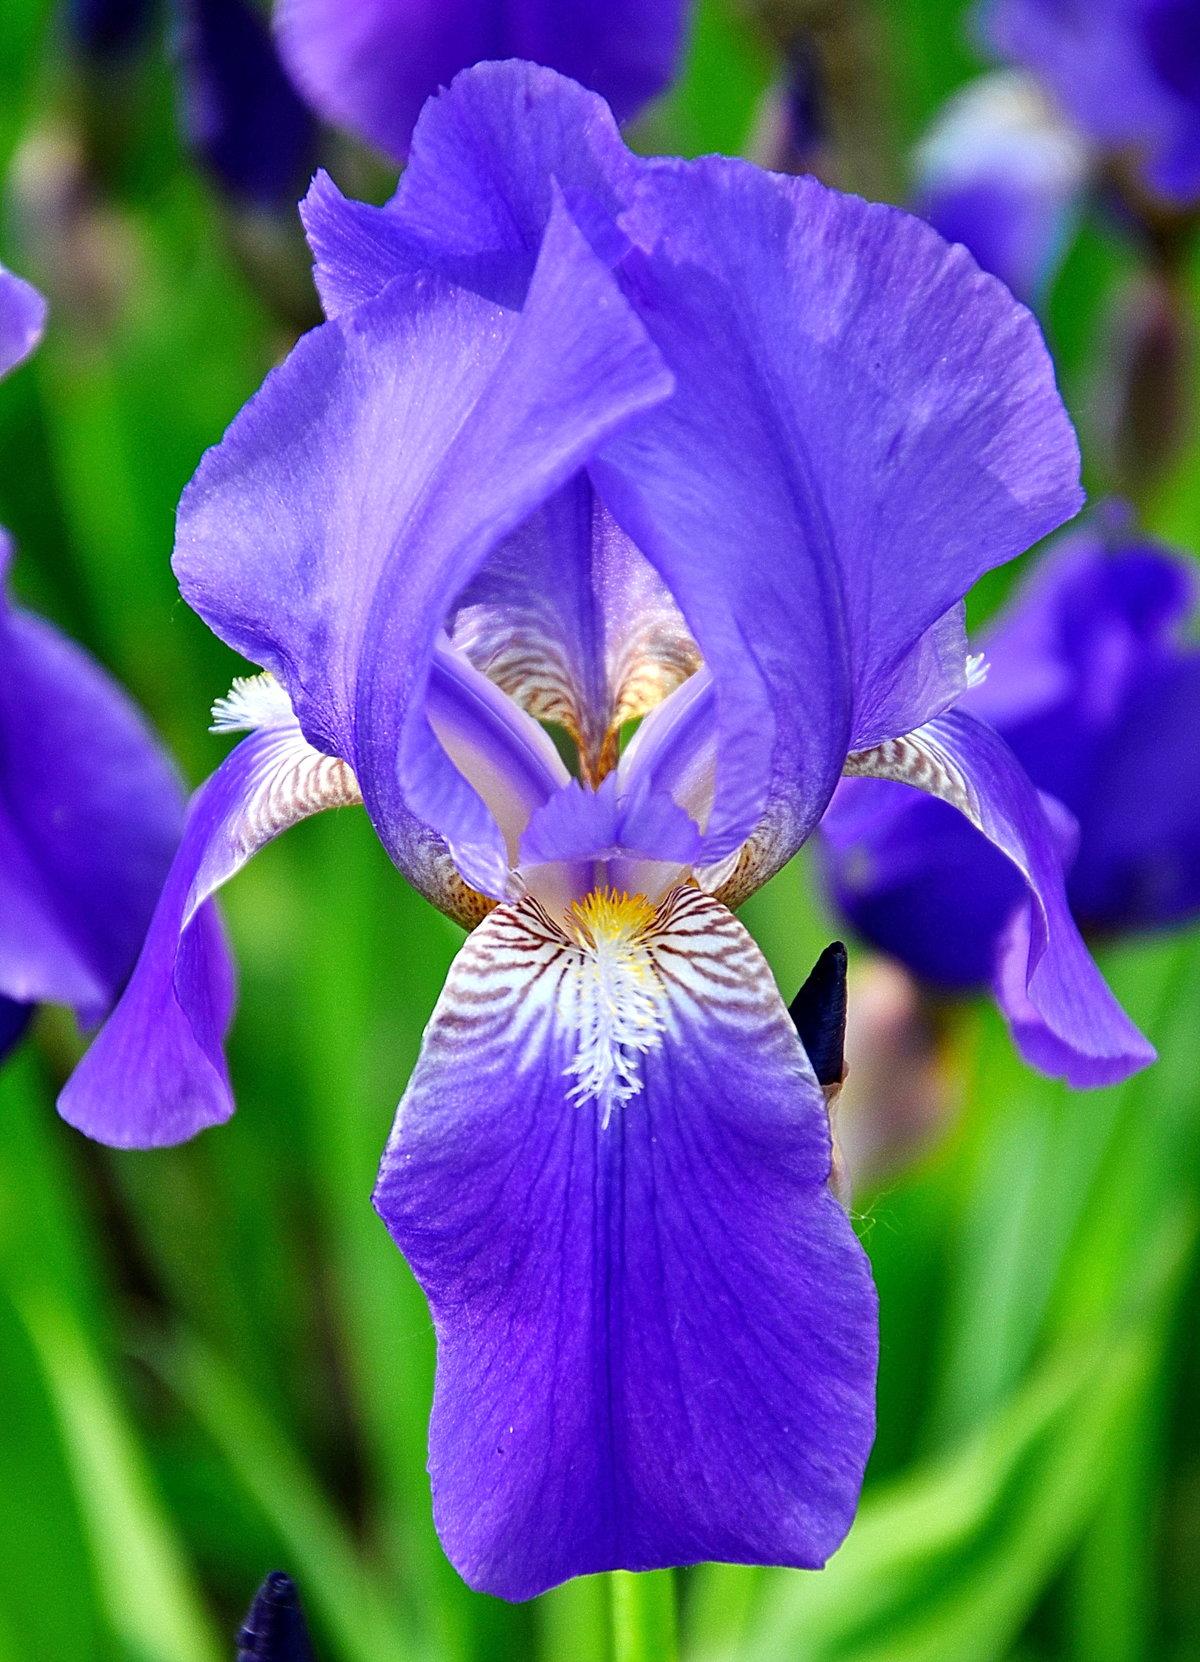 картинка цветка ирис получения